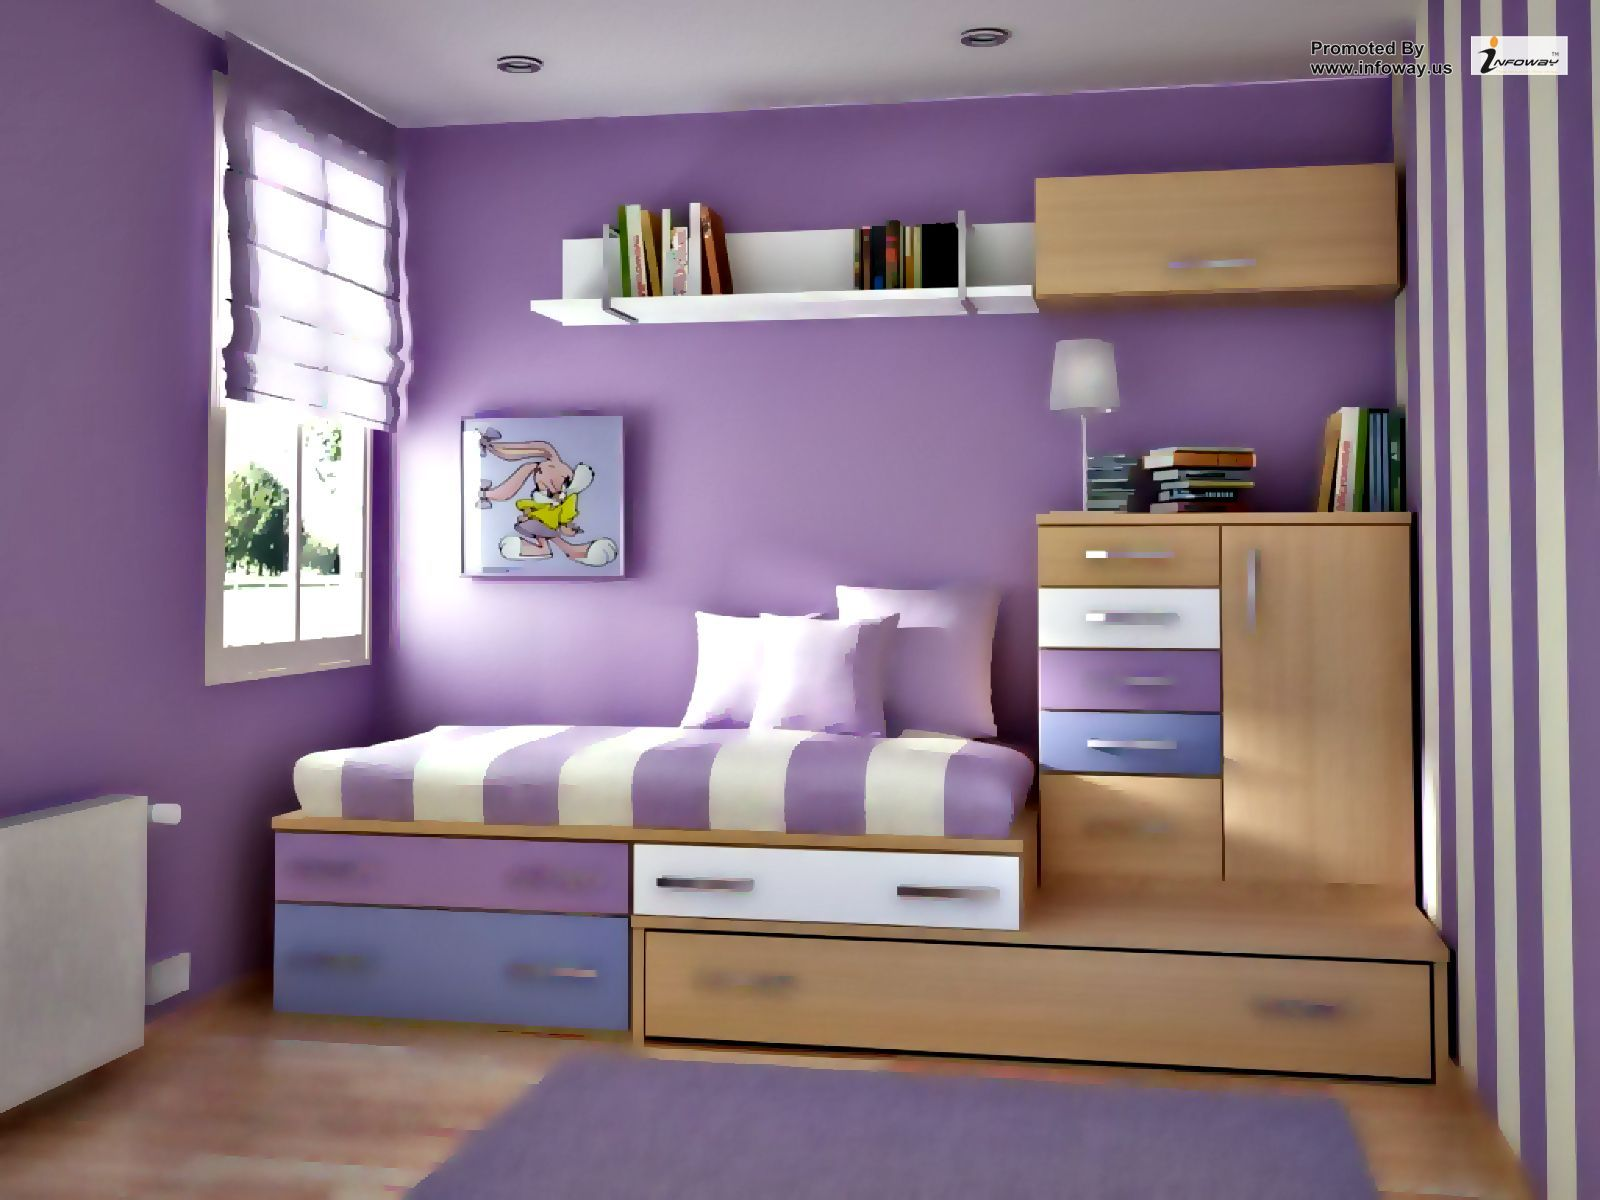 How To Make Bedroom Furniture Simple Bedroom Bedroom Color Schemes Purple Bedrooms